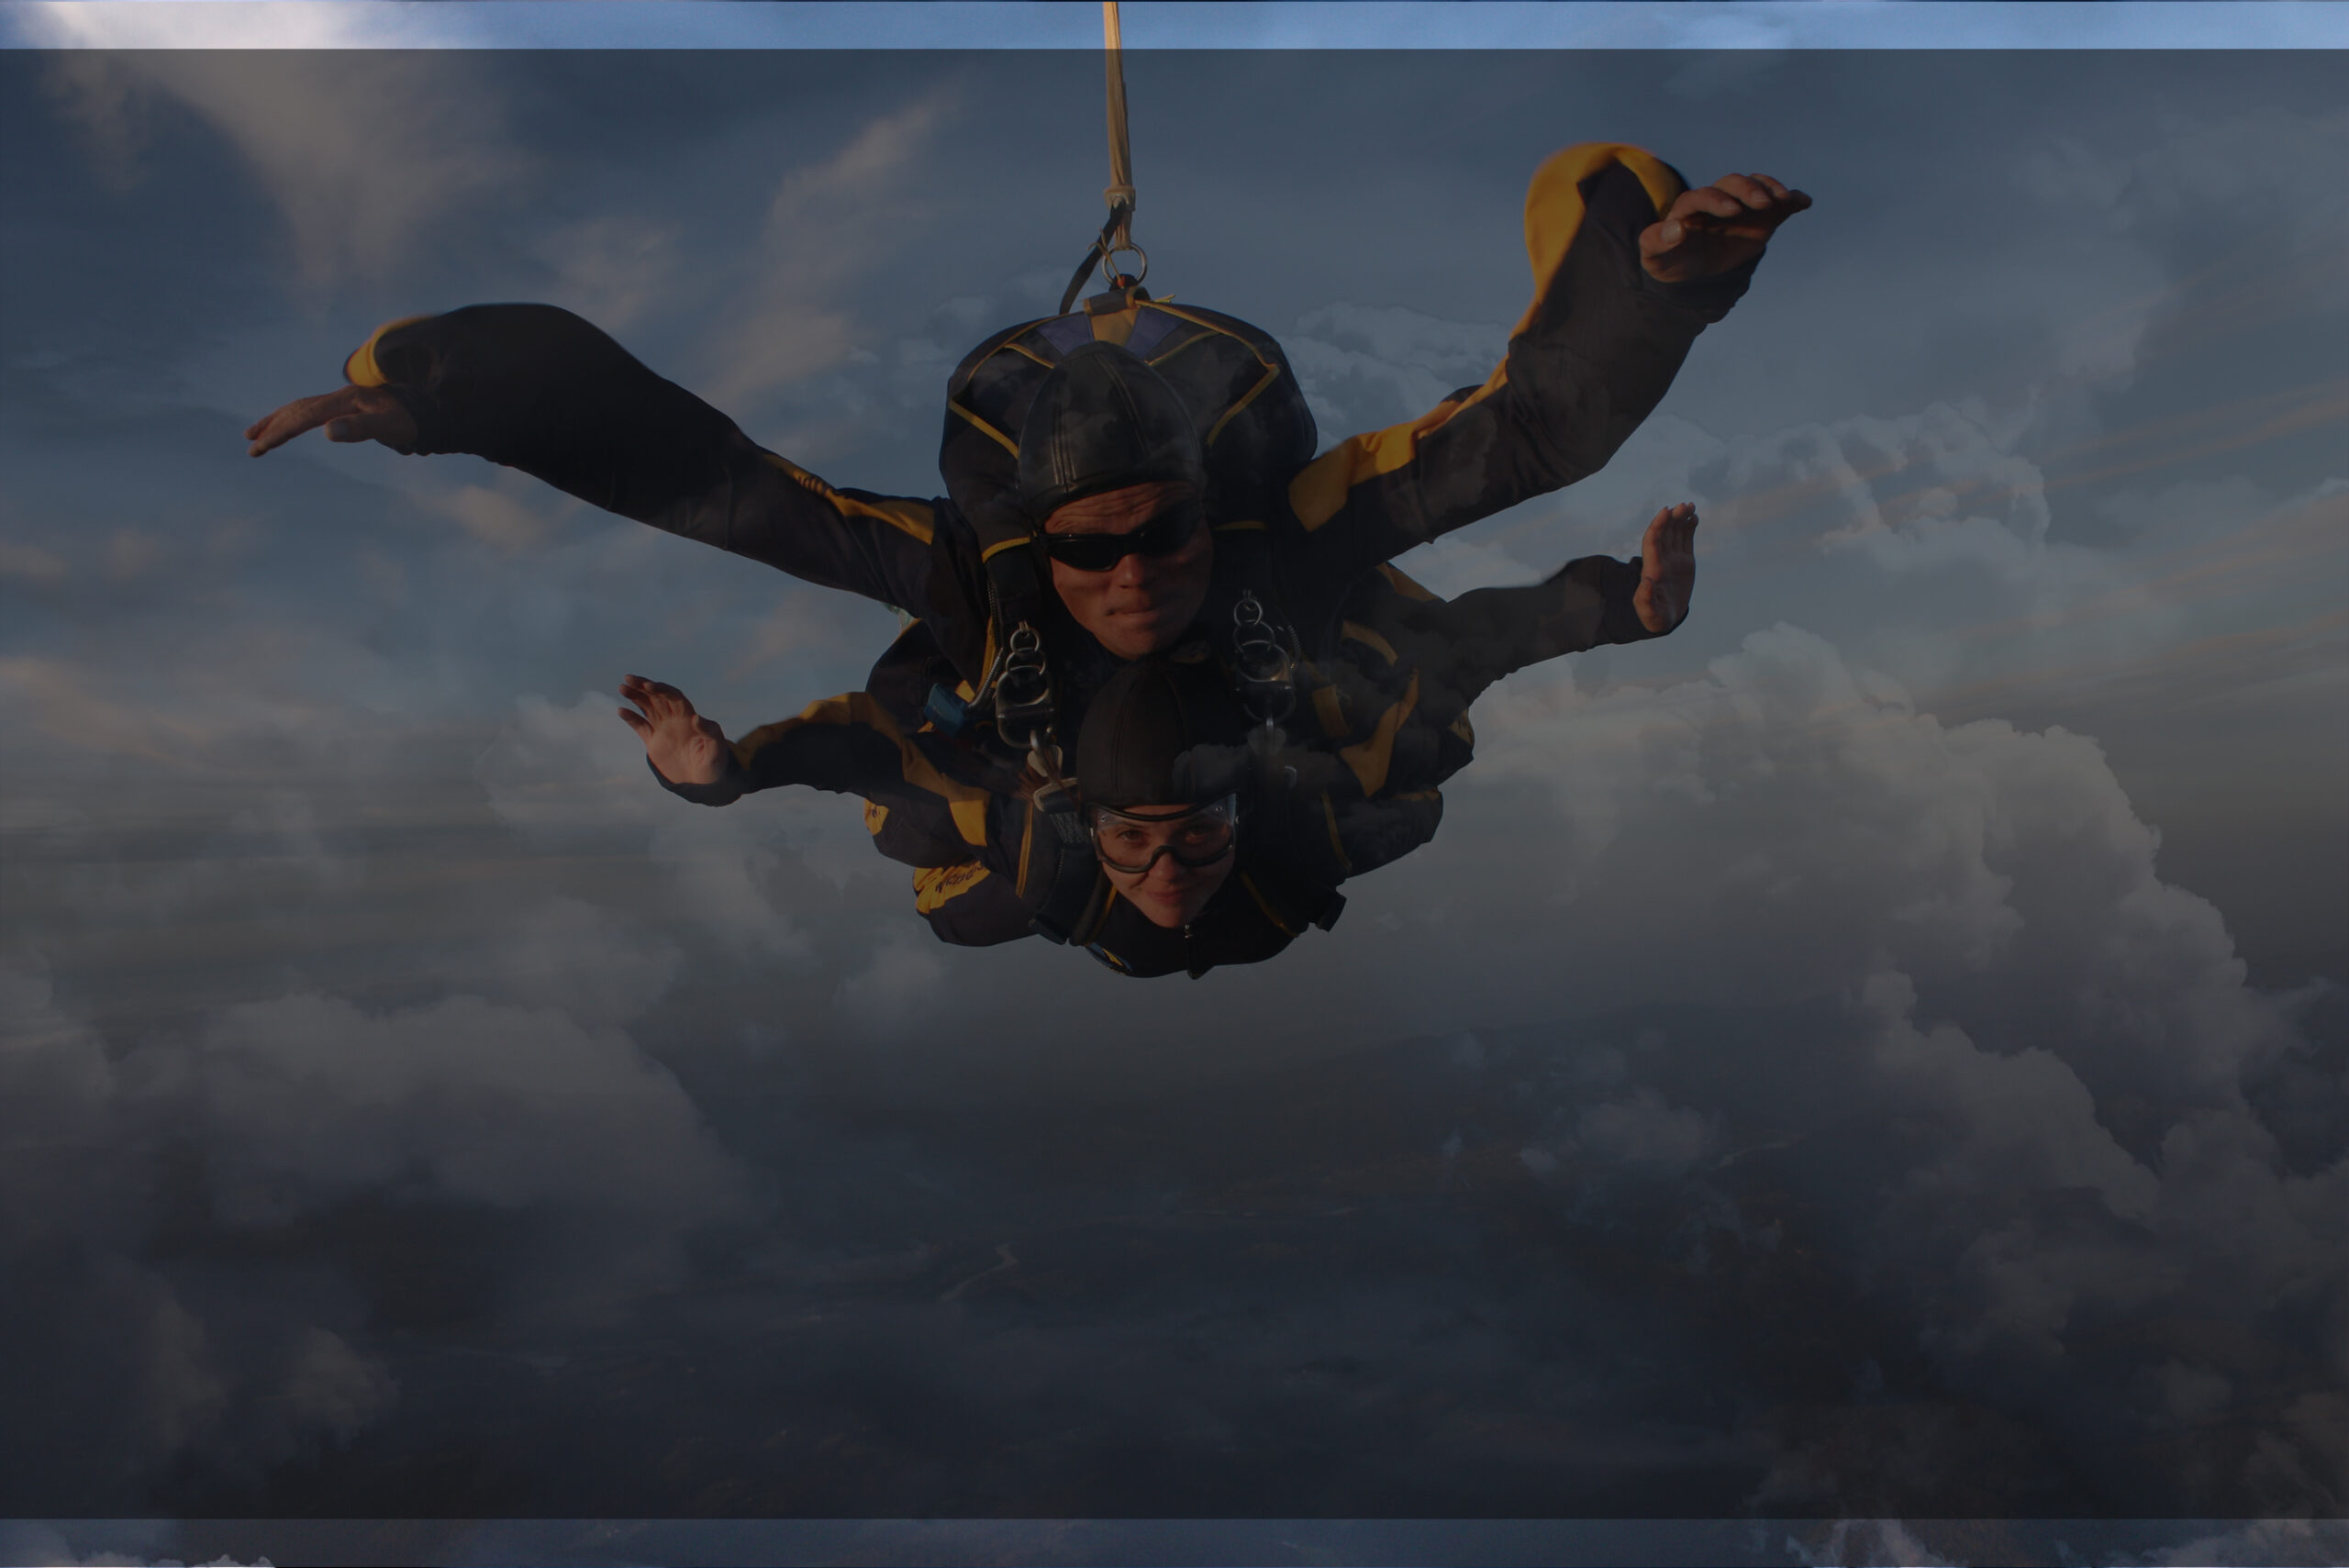 skok s padalom v tandemu